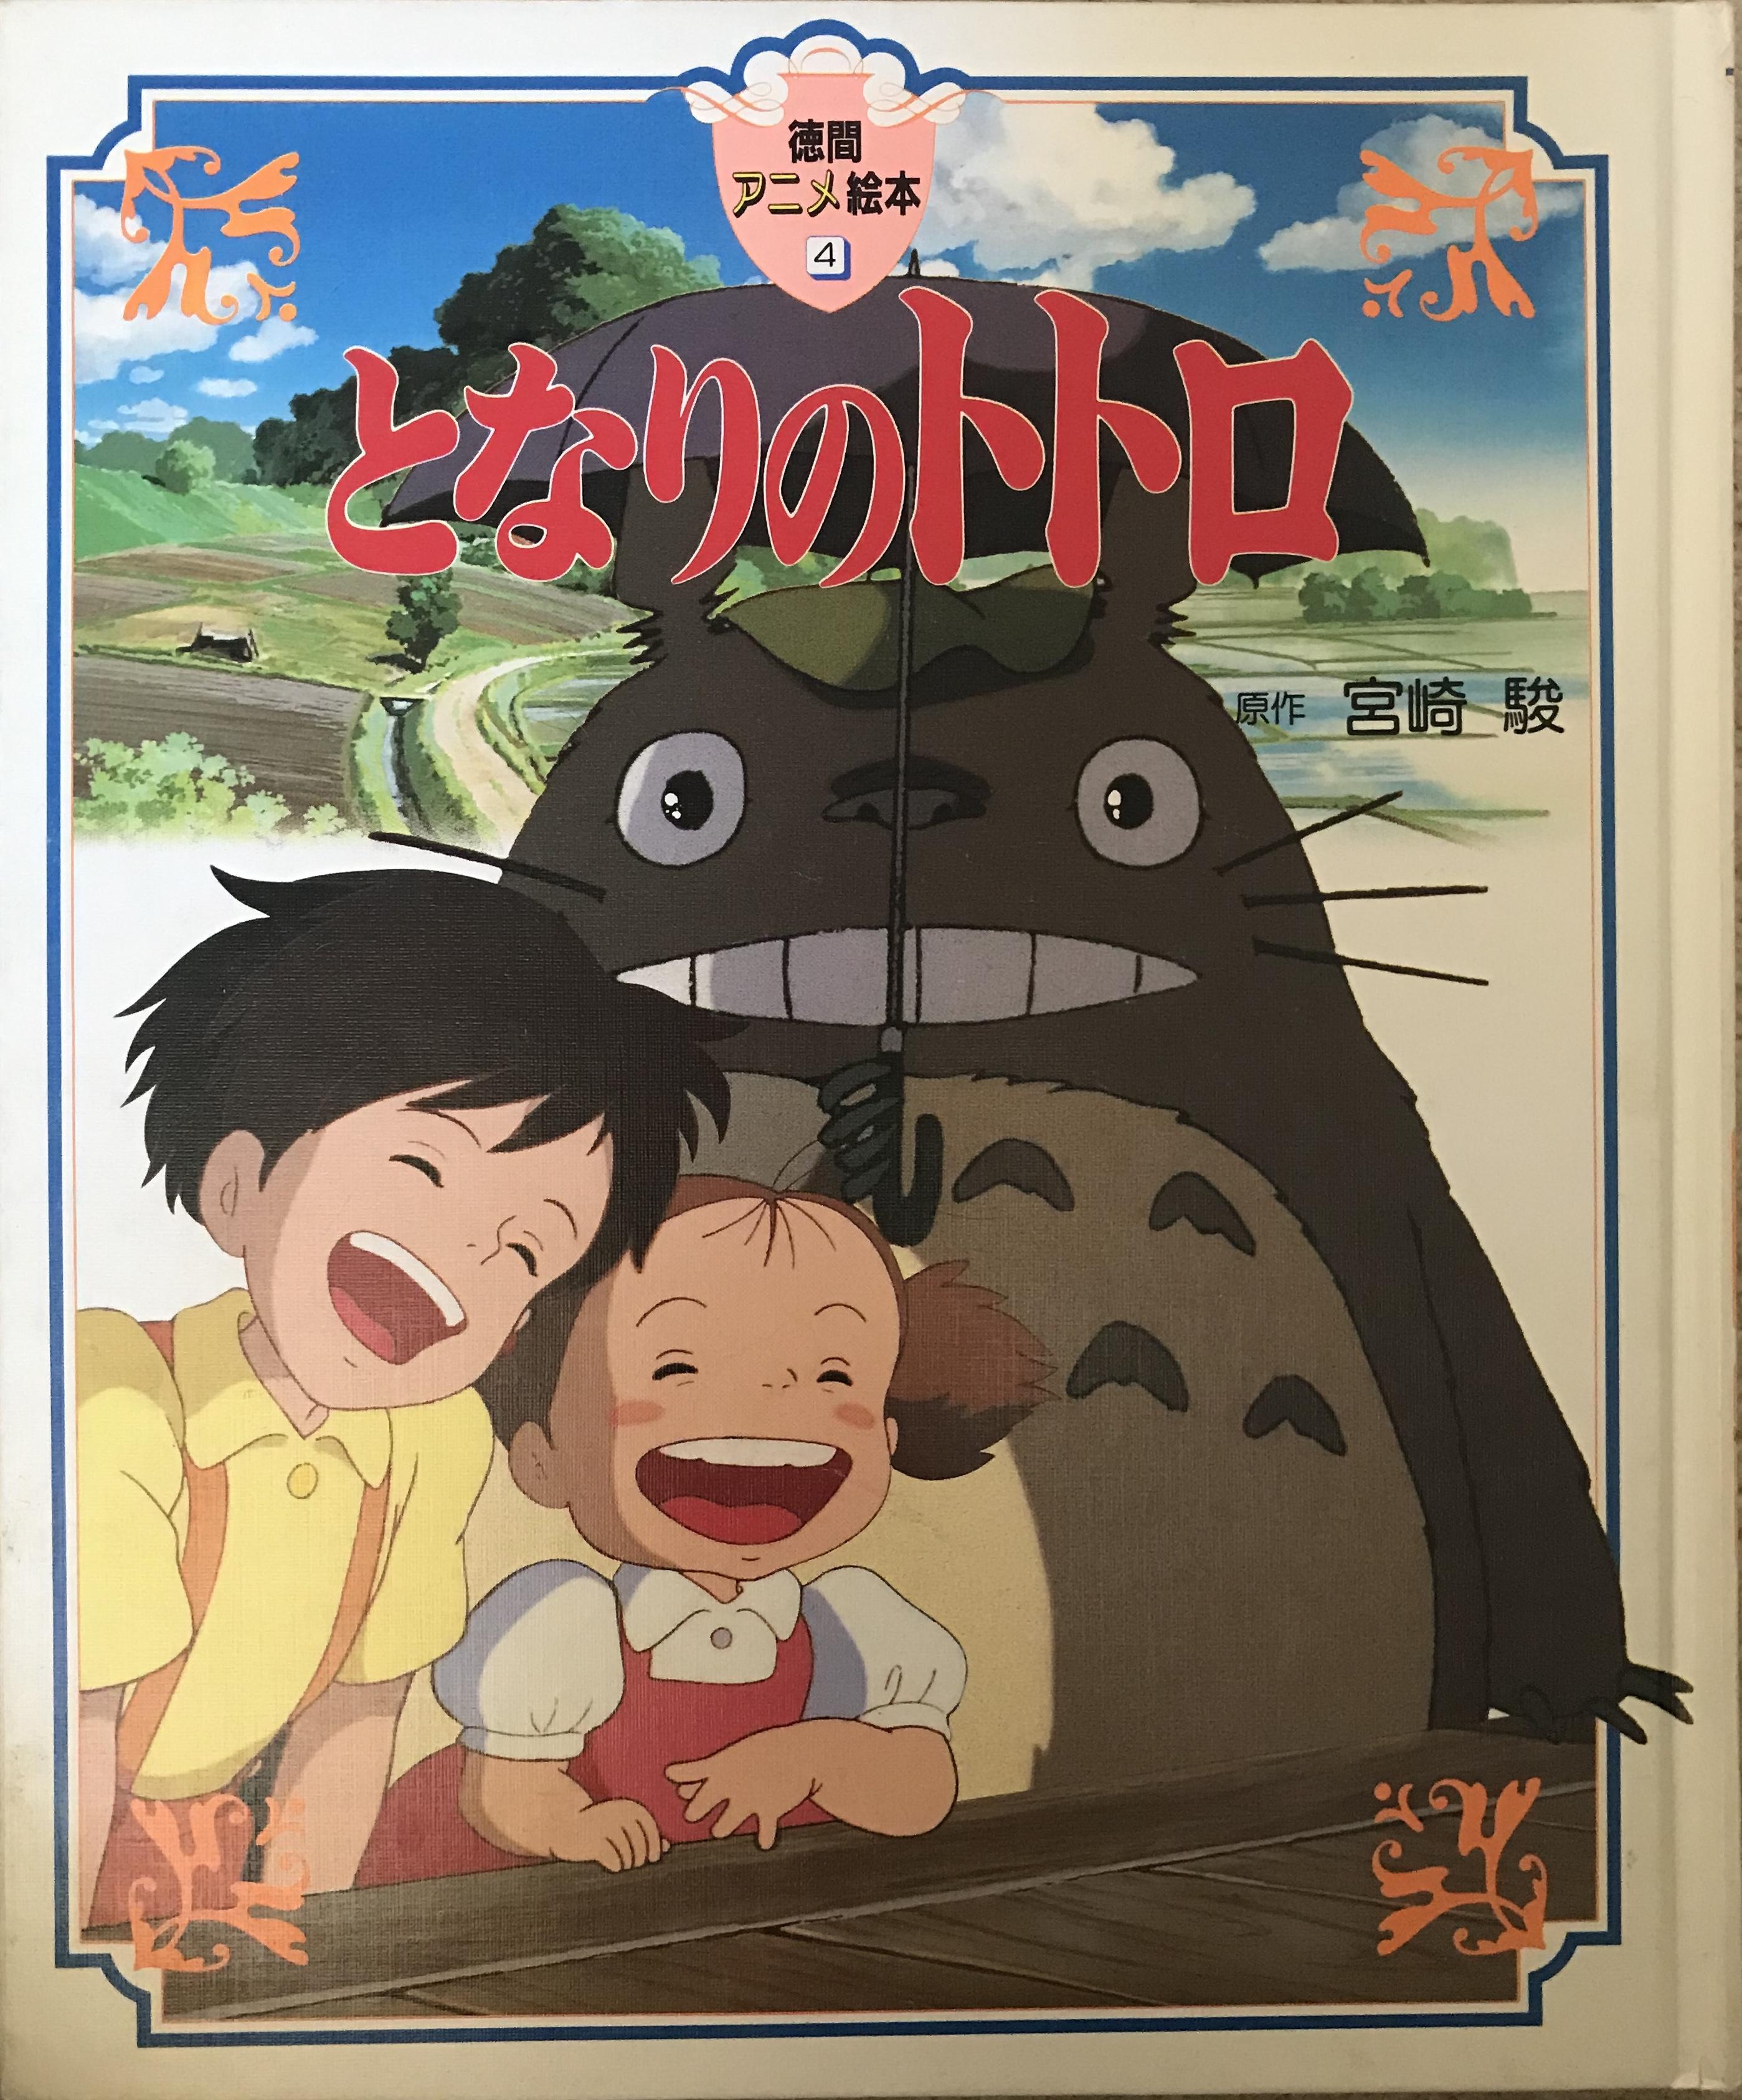 Tadoku Tonari no Totoro